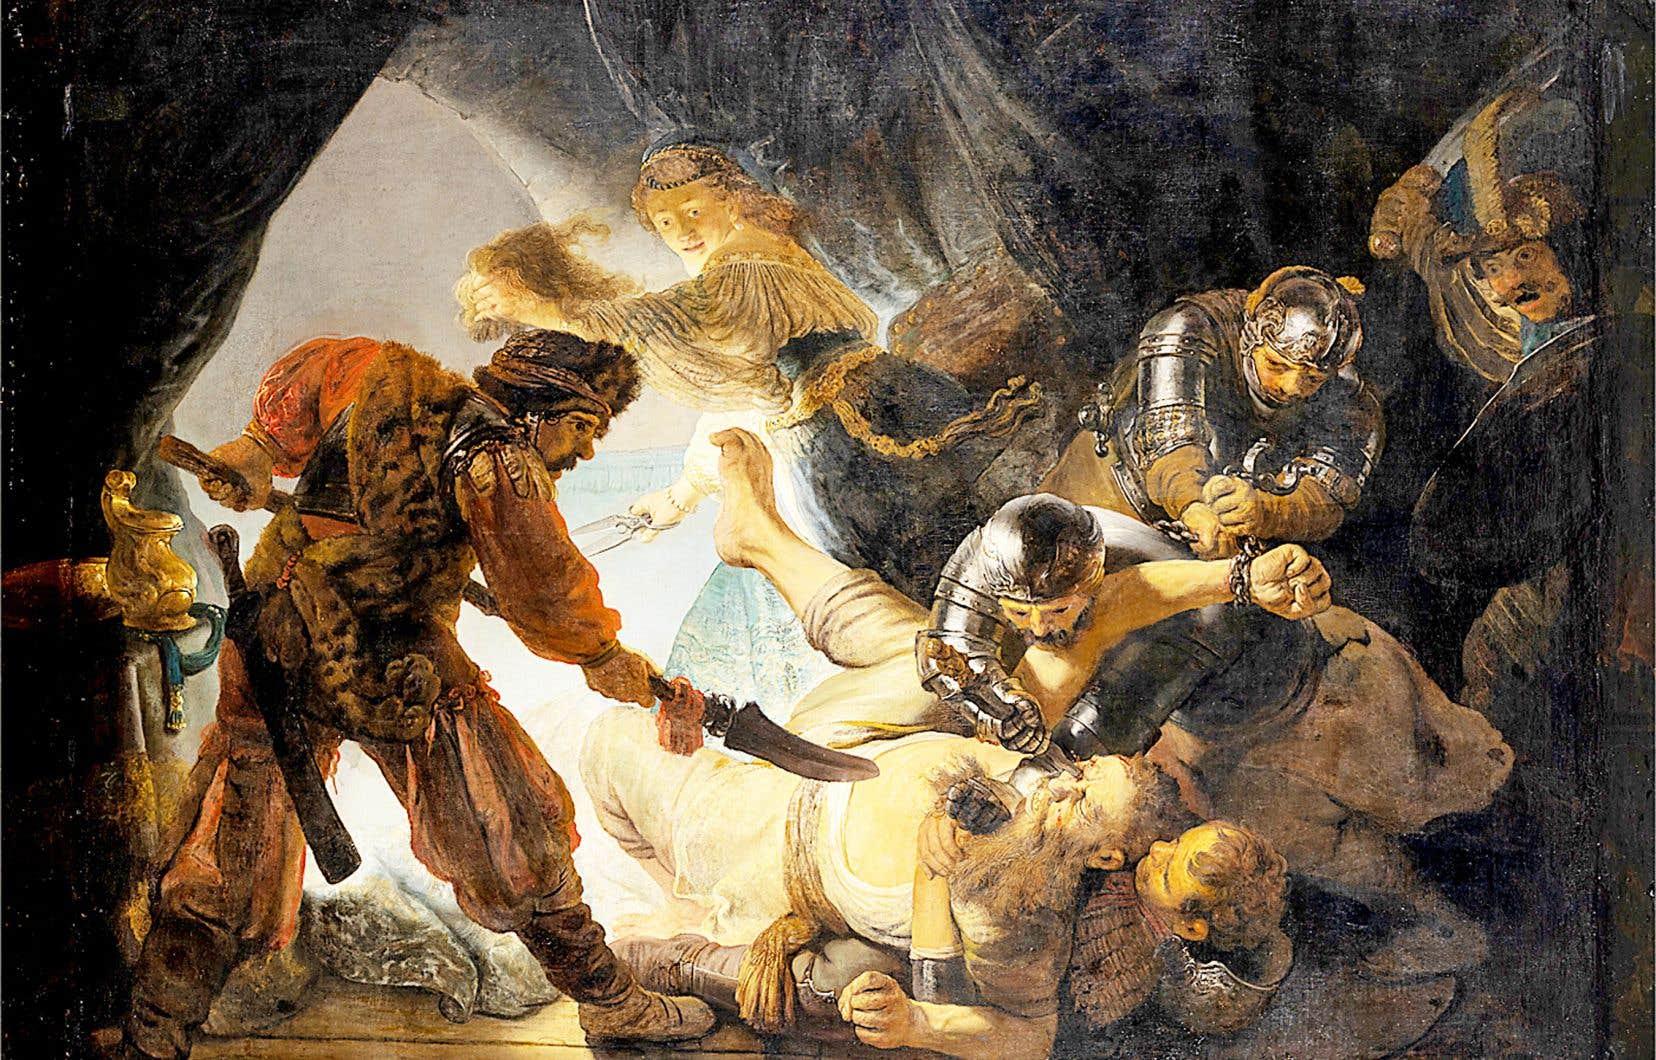 Rembrandt van Rijn, «L'aveuglement de Samson», 1636